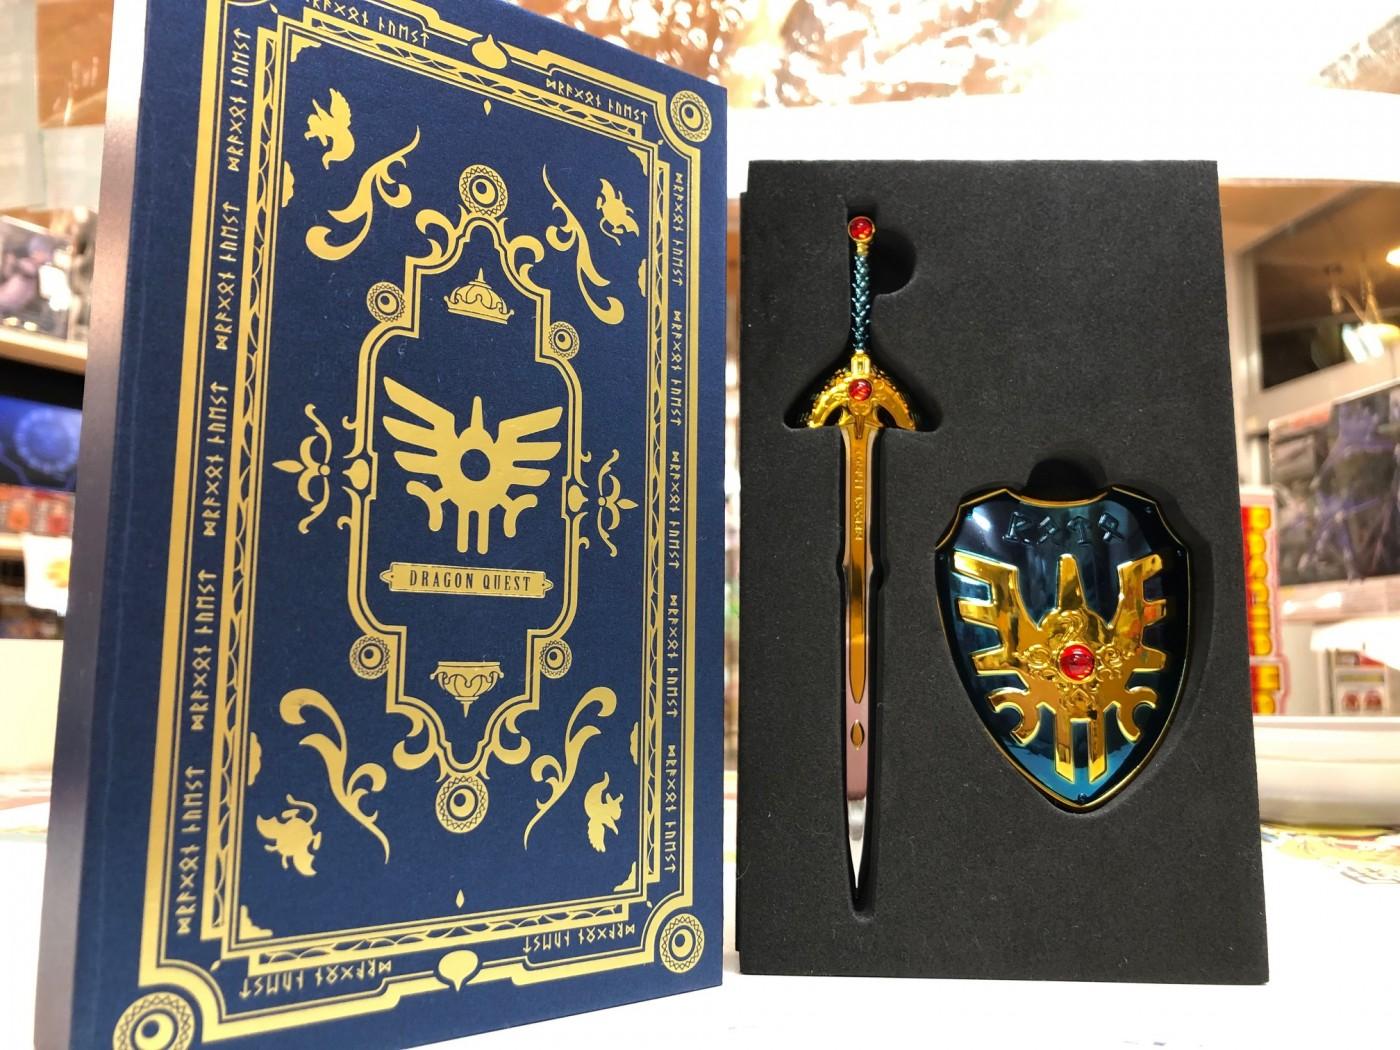 買取情報『ドラゴンクエスト メタリックアイテムズギャラリースペシャル のロトの剣&ロトの盾・天空の剣&天空の盾』